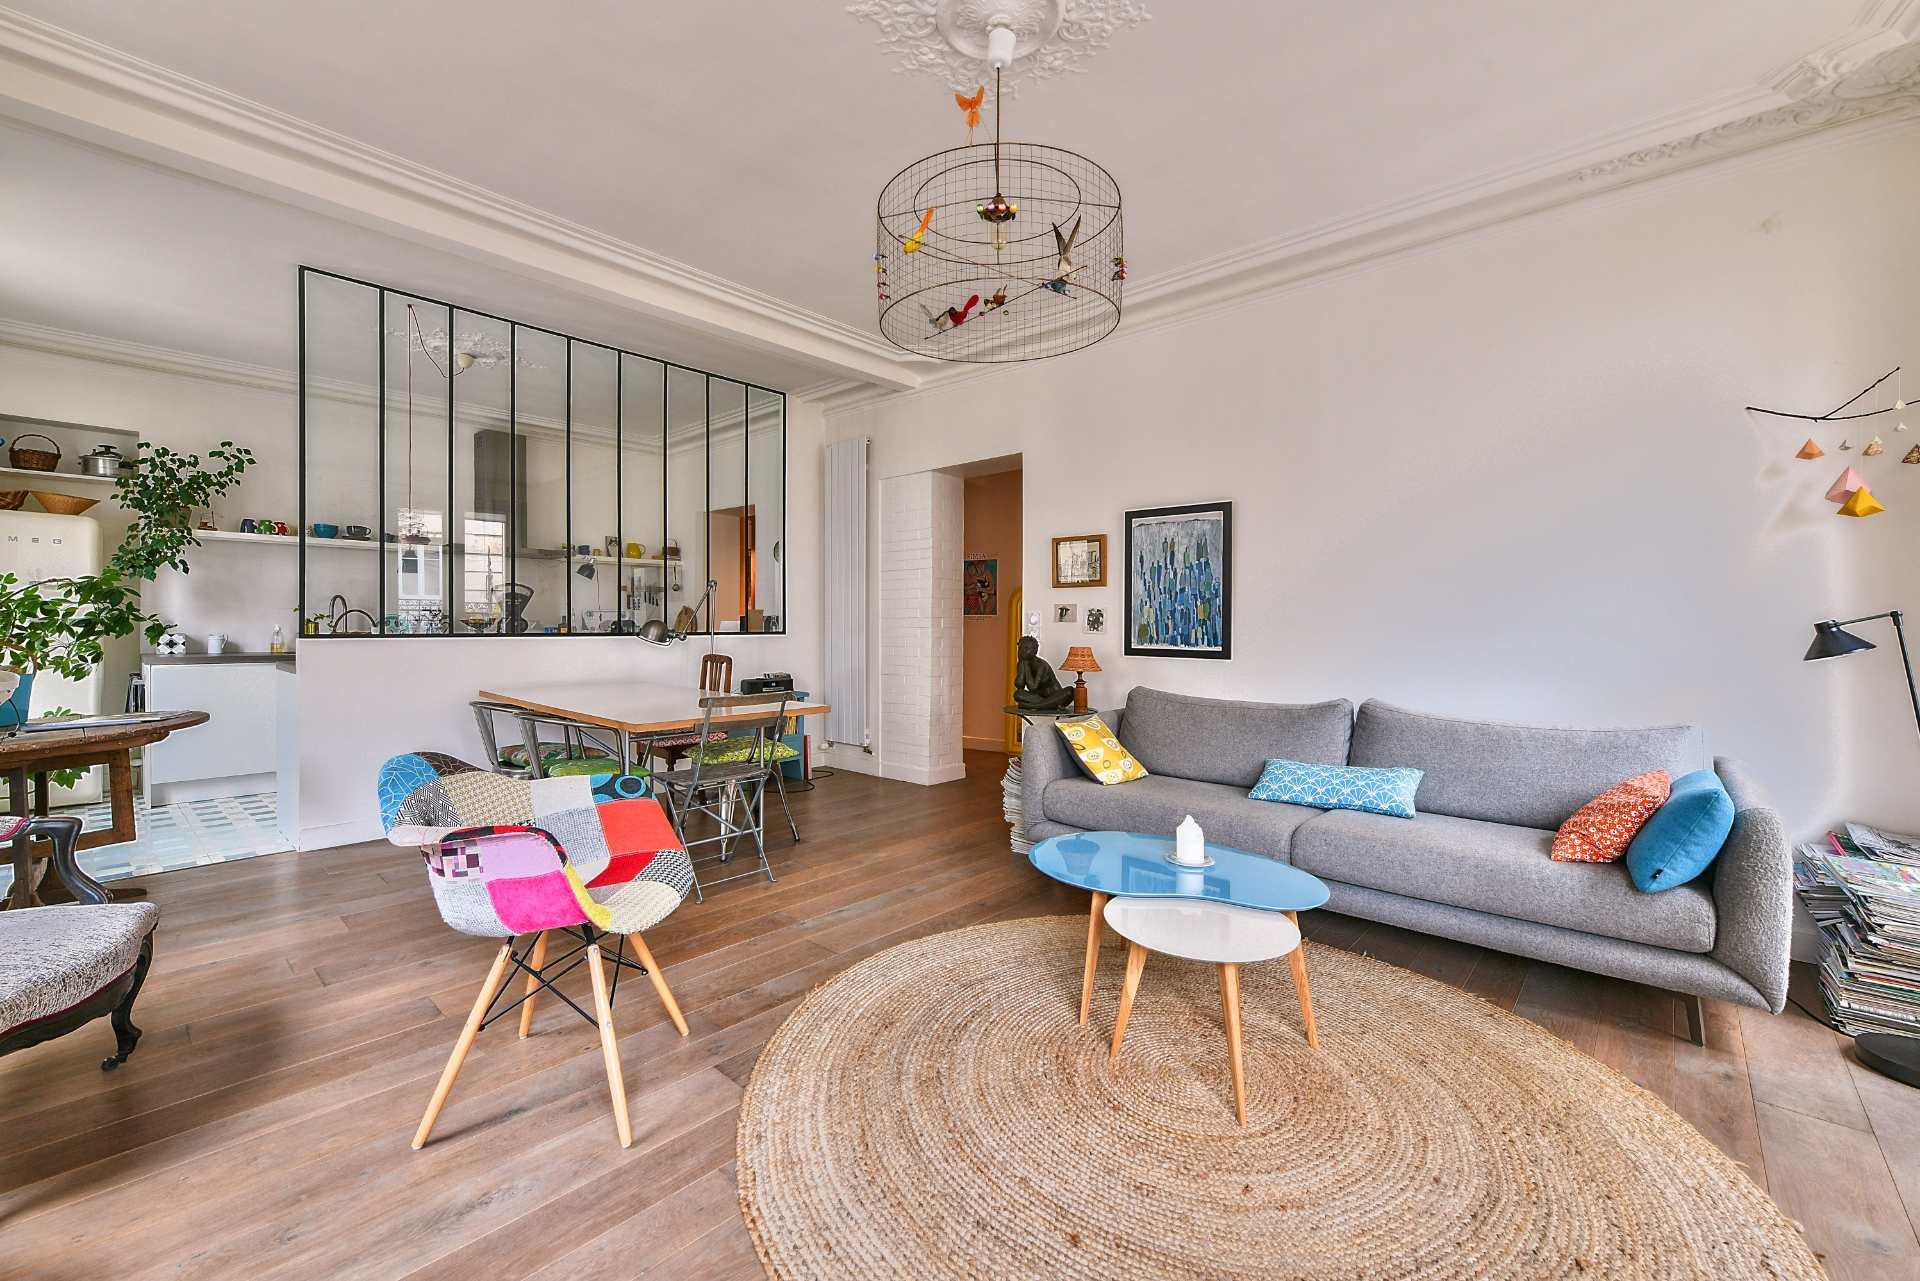 Appartement 3 pièces de 77m2 – Secteur Damrémont – Paris XVIII 2